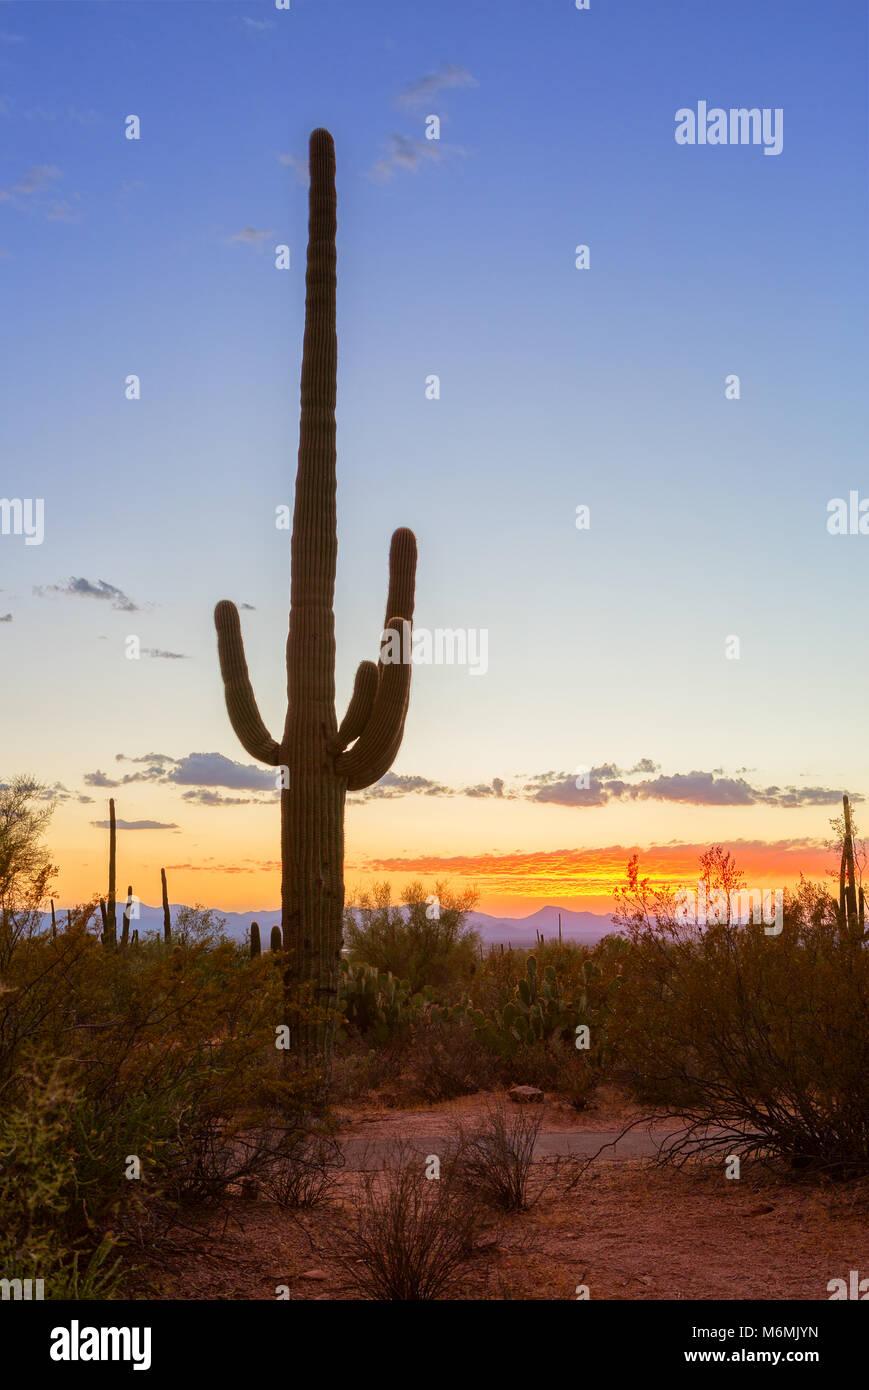 Sonnenuntergang in den Saguaro National Park, in der Nähe von Tucson, südöstlichen Arizona, Usa. Saguaro Kaktus (Carnegiea gigantea) steht gegen eine Eve Stockfoto